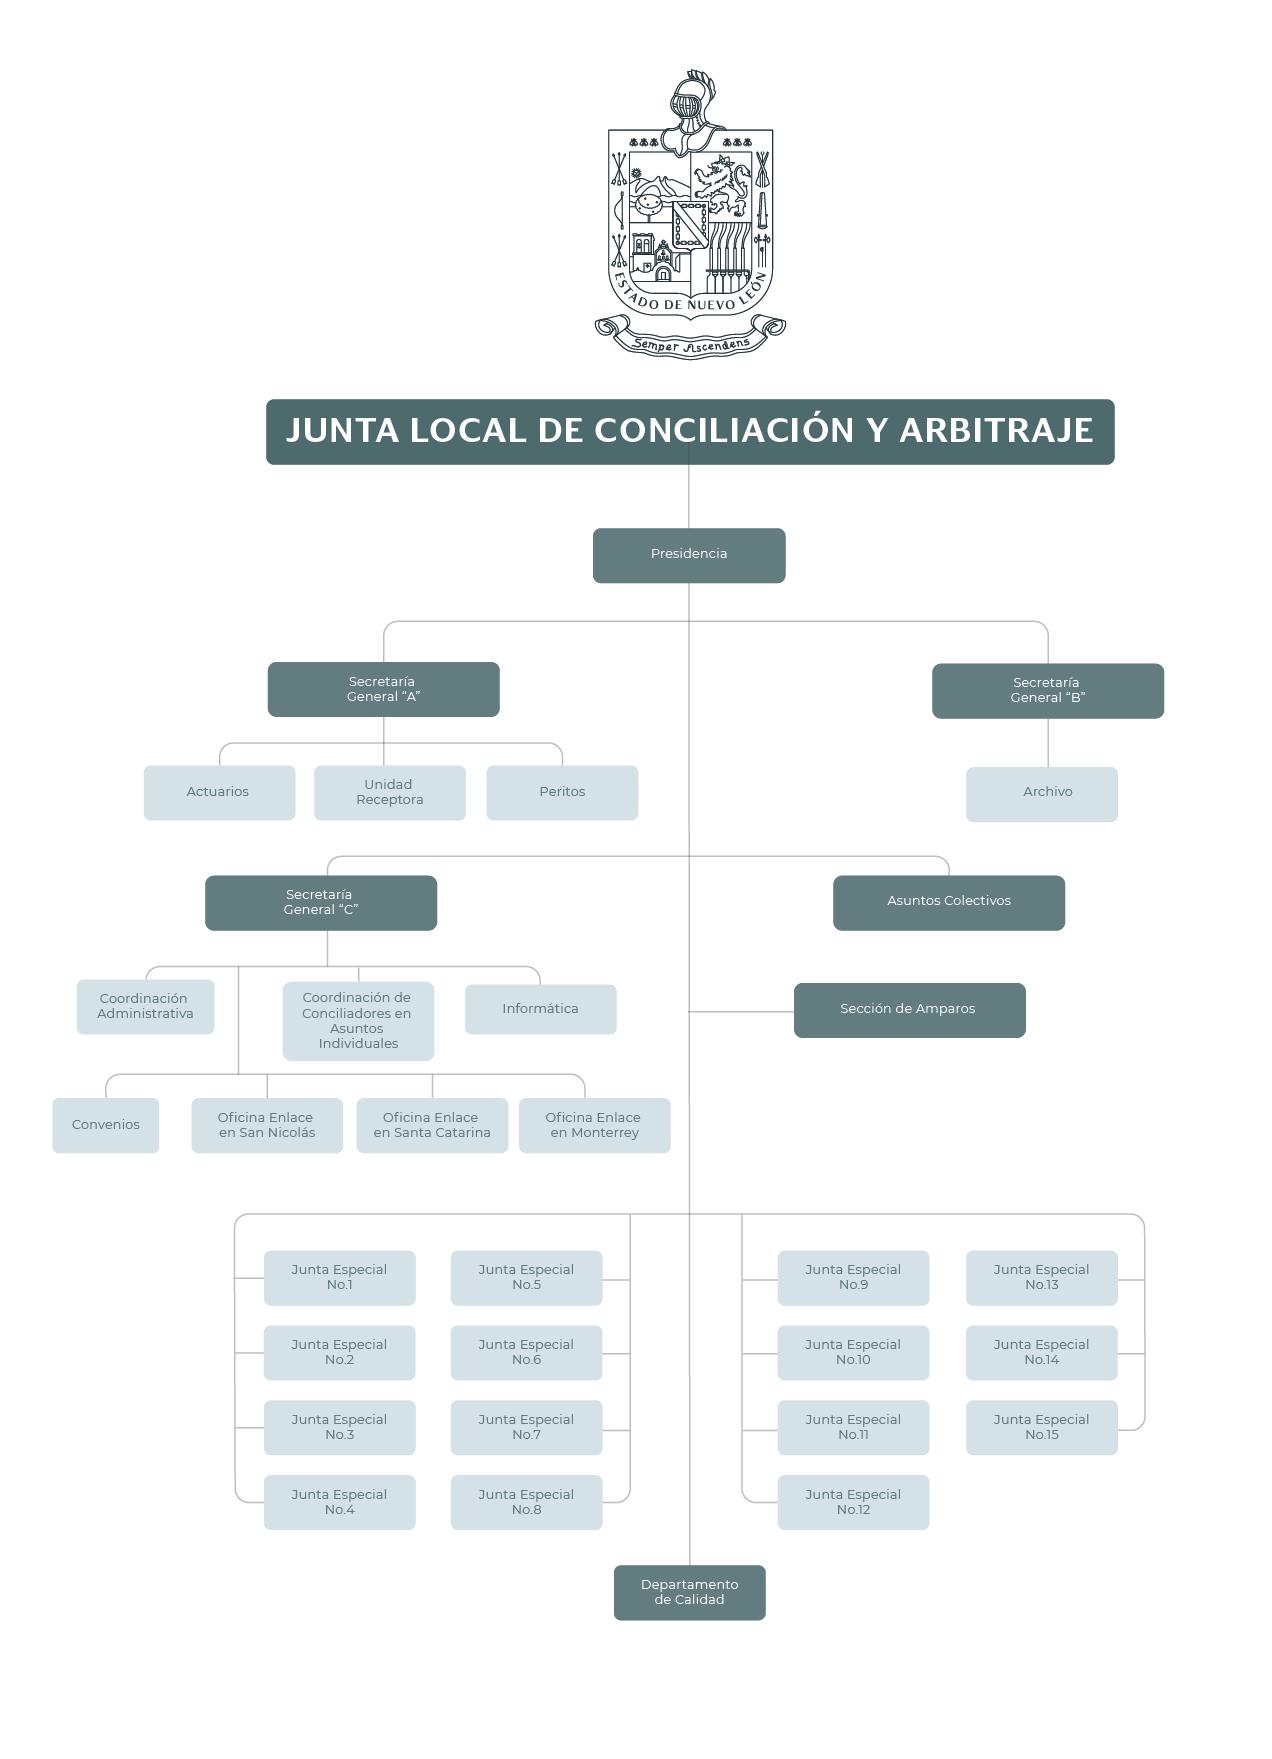 Organigrama de la Junta Local de Conciliación y Arbitraje